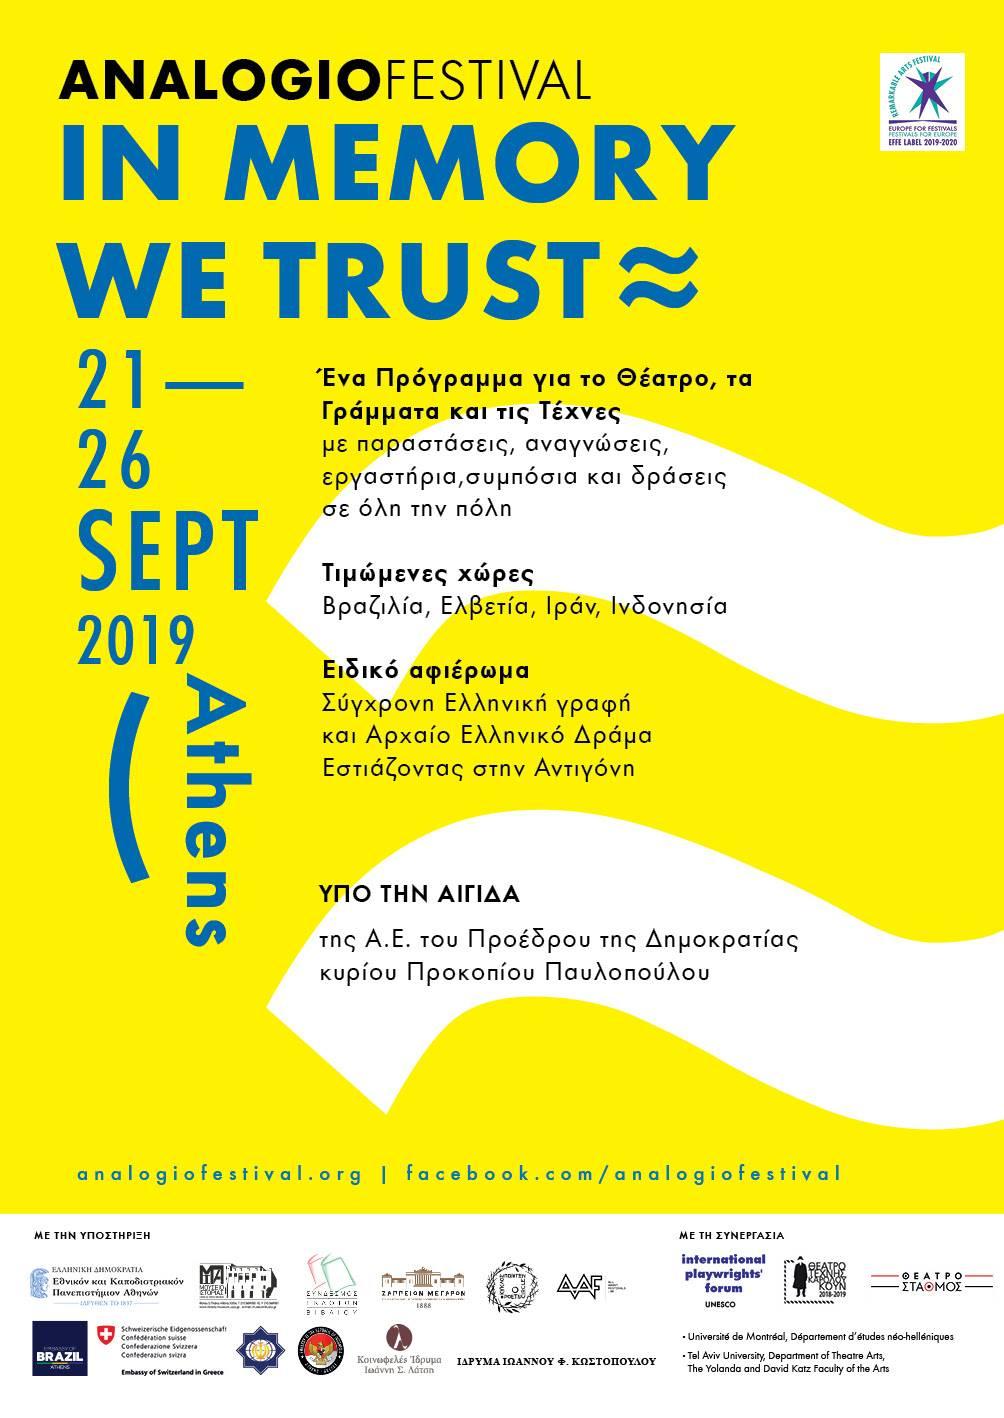 , «Όλη η τραγωδία σε μία ώρα» του Κωνσταντίνου Μπούρα | Κυριακή 22 Σεπτεμβρίου | Θέατρο Τέχνης Κάρολος Κουν – Φρυνίχου